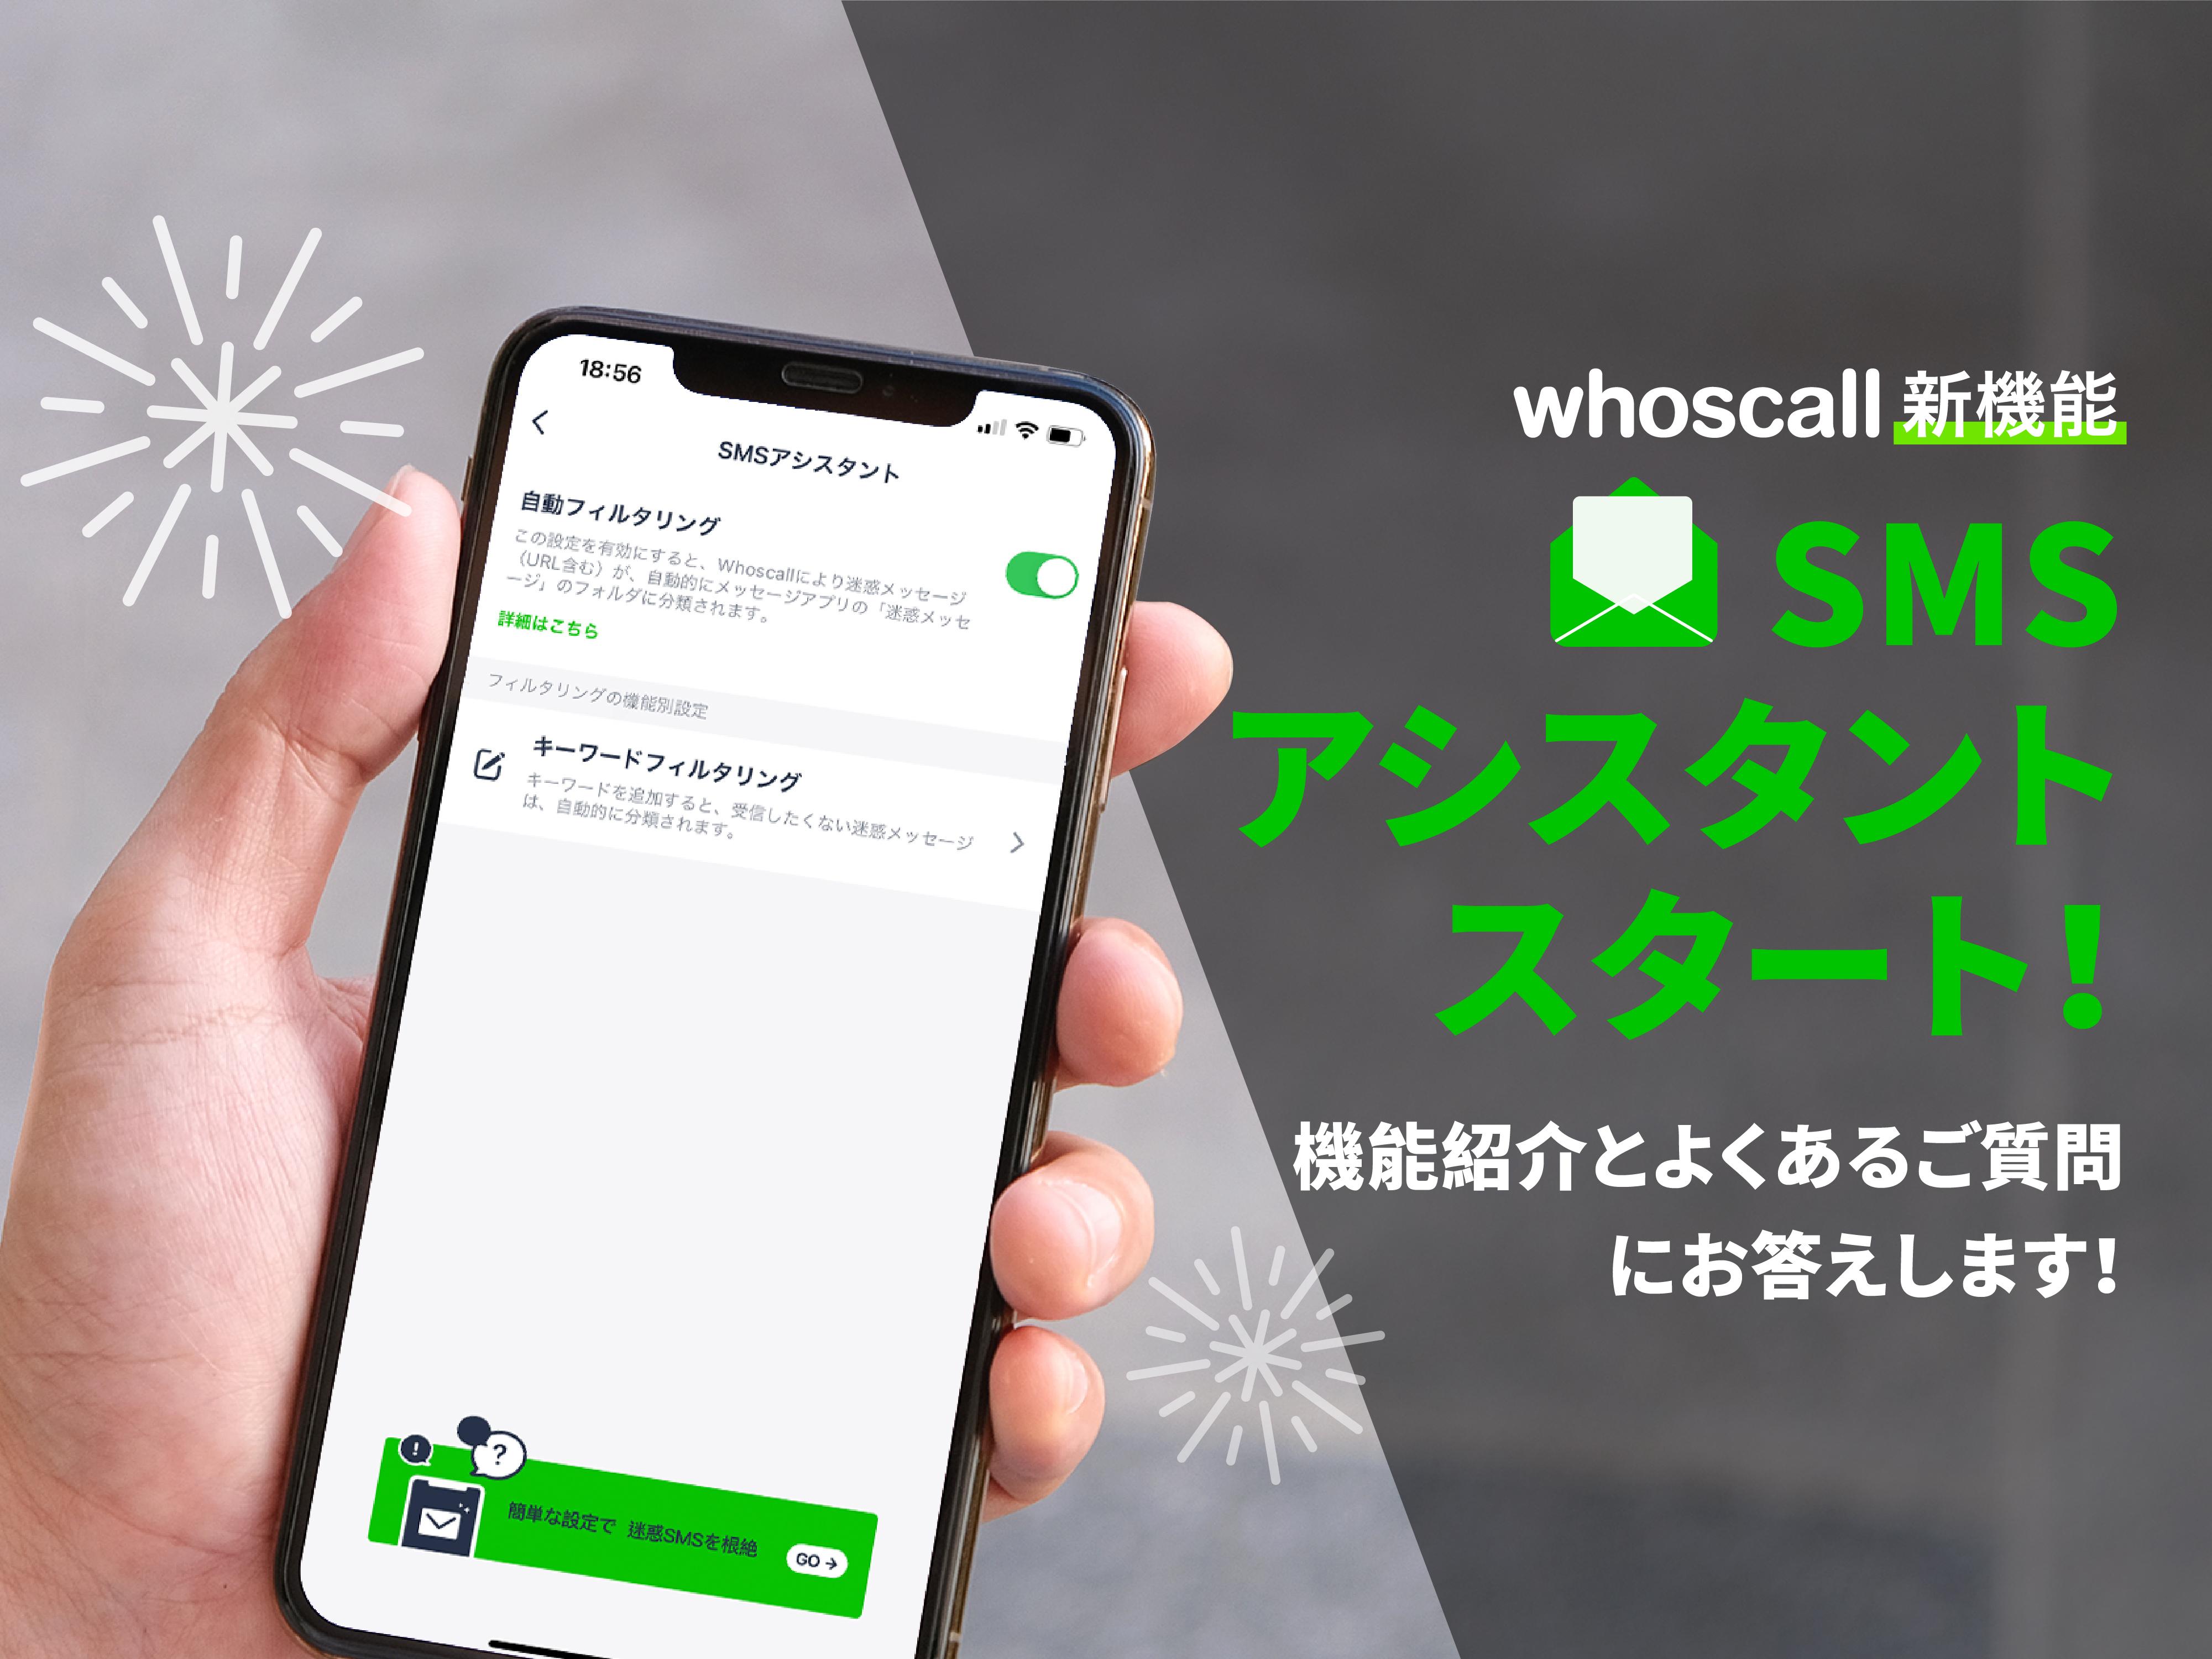 「SMSアシスタント」がiOS版で登場